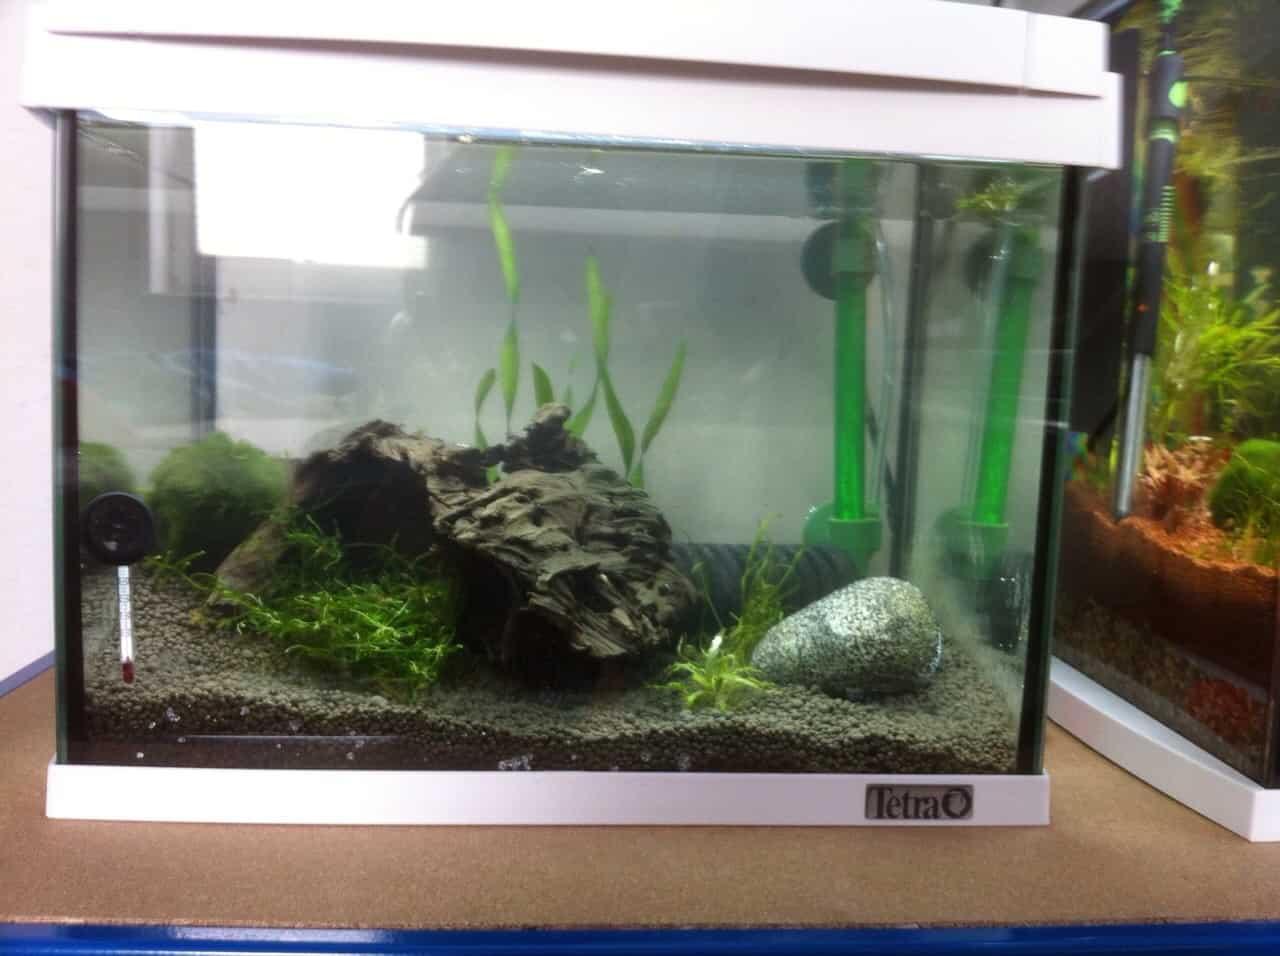 262: Garnelen im Aquarium halten - So machst du deinen Filter garnelensicher 3